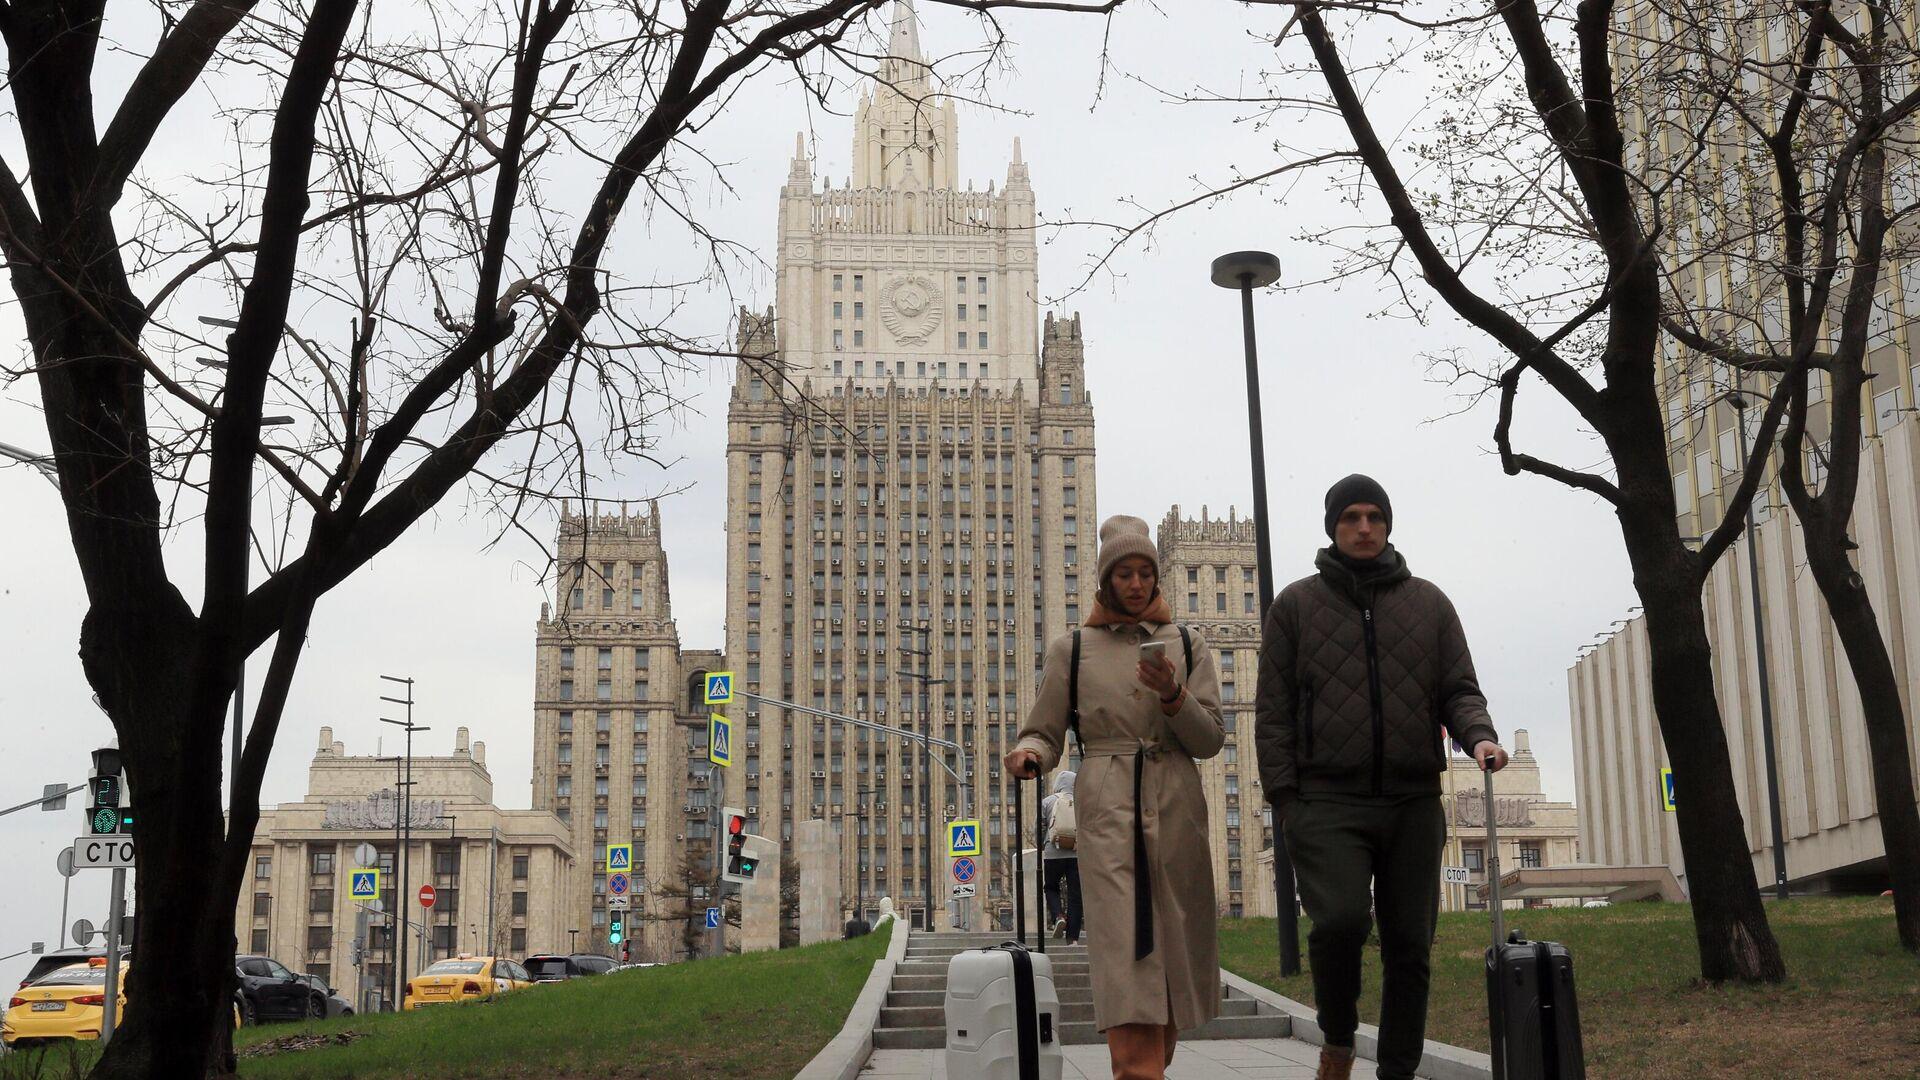 Прохожие у здания МИД России в Москве - РИА Новости, 1920, 31.05.2021